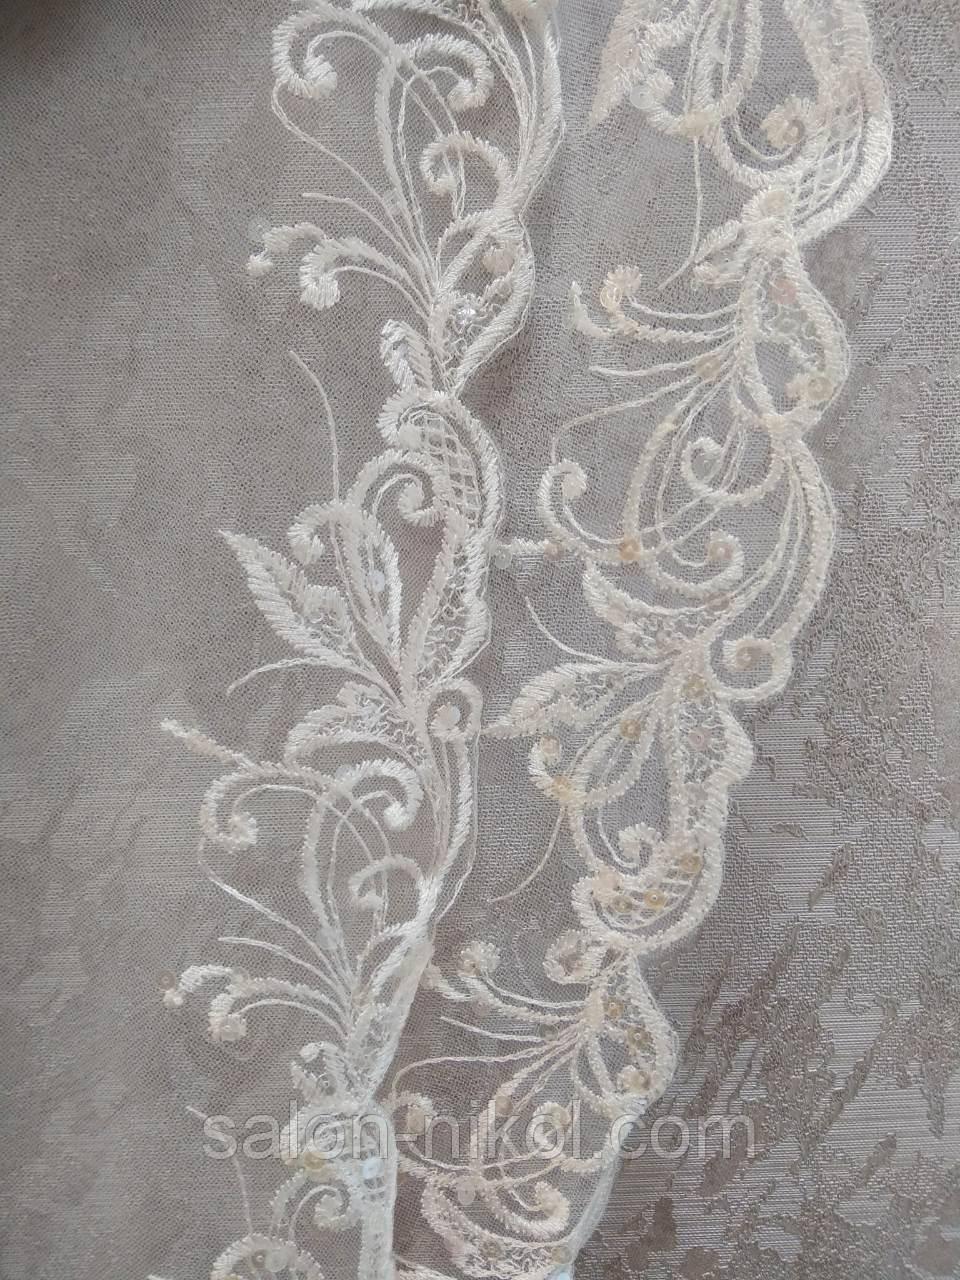 Фата с вышивкой и паетками № 1521 (1,5*2 м) удлиненная айвори